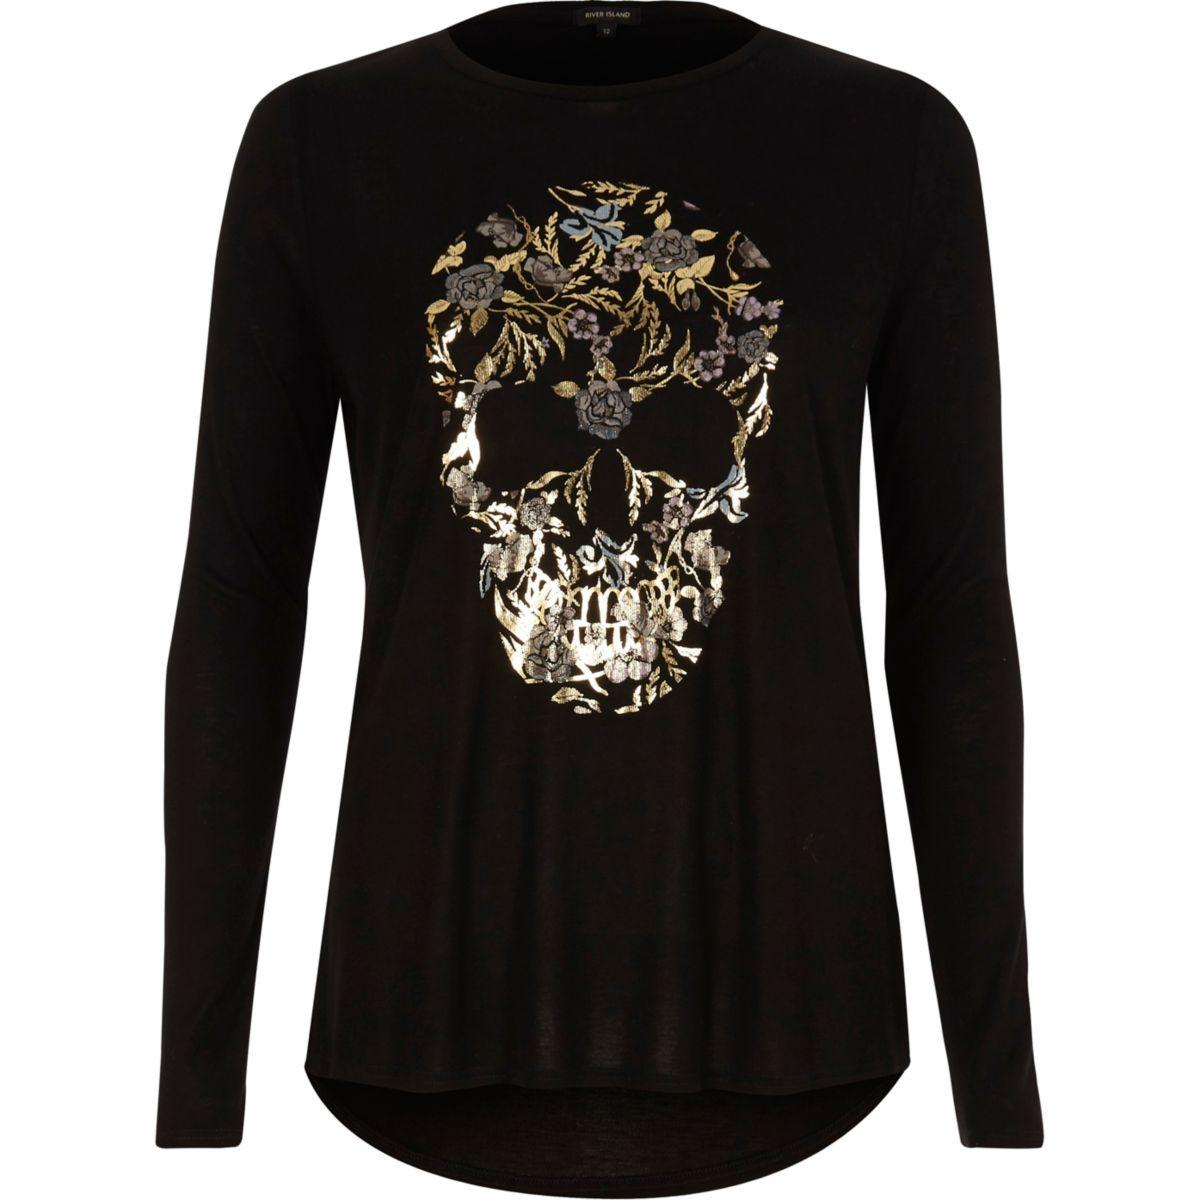 Black skull foil print long sleeve T-shirt